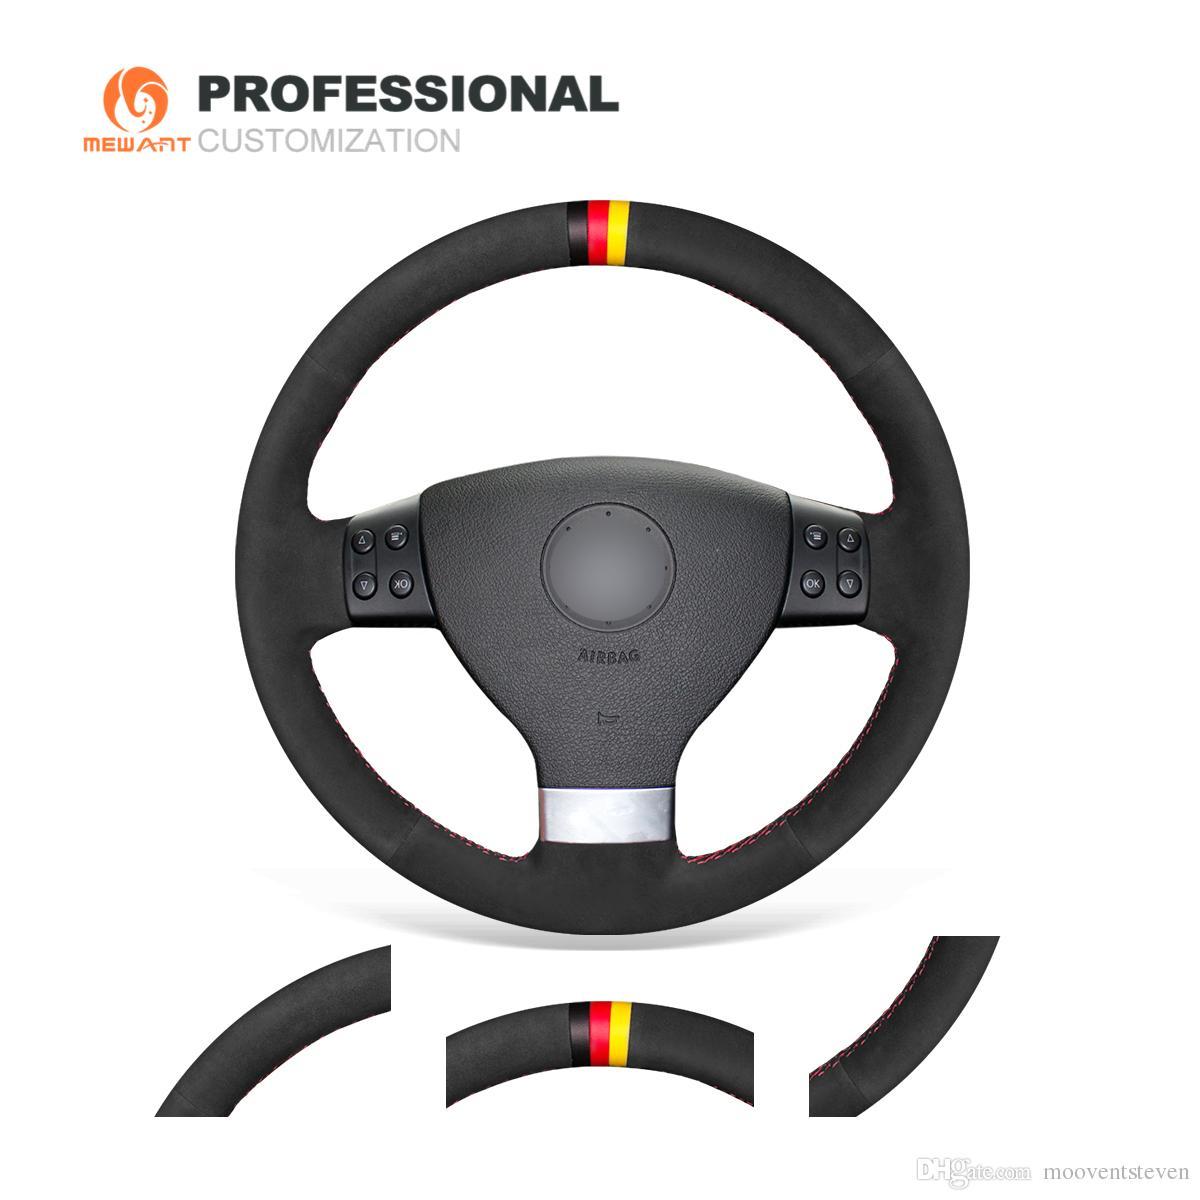 MEWANT Hand-stitched Black Suede Steering Wheel Cover Wrap for Volkswagen Golf 5 Mk5 VW Passat B6 Jetta 5 Mk5 Tiguan 2007-2011